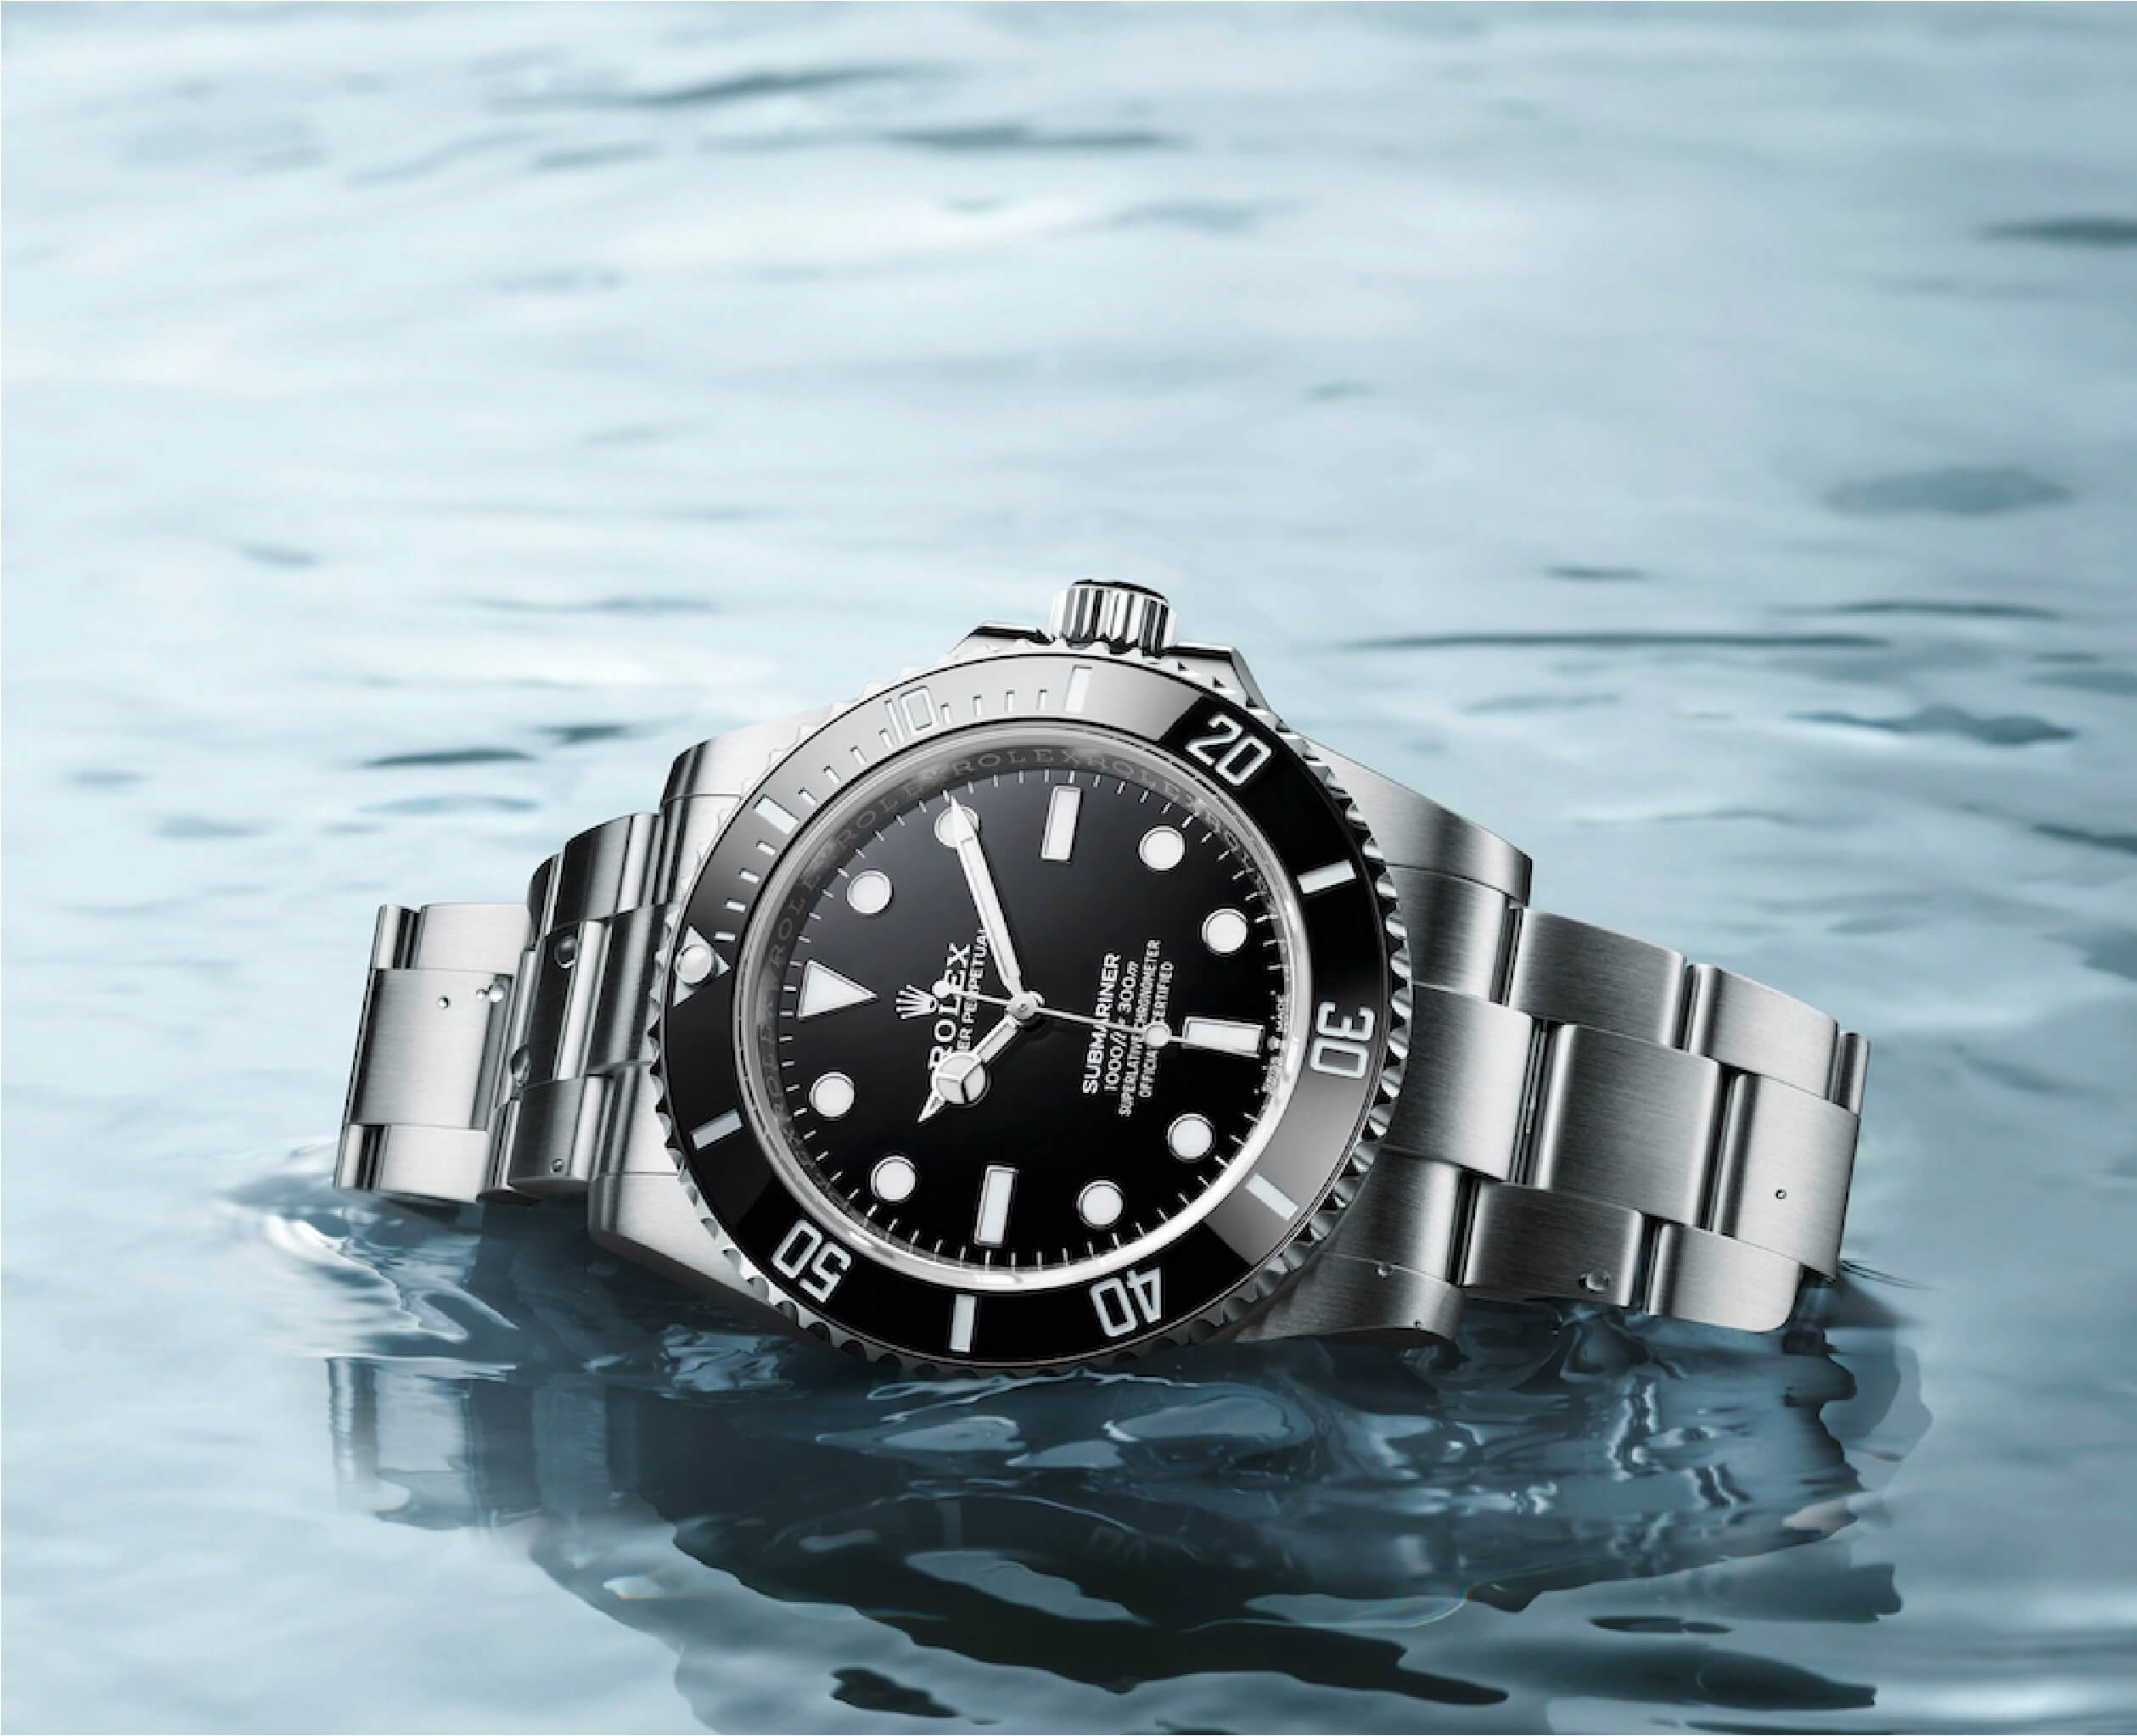 Rolex Submariner Collection | Wristwatches360